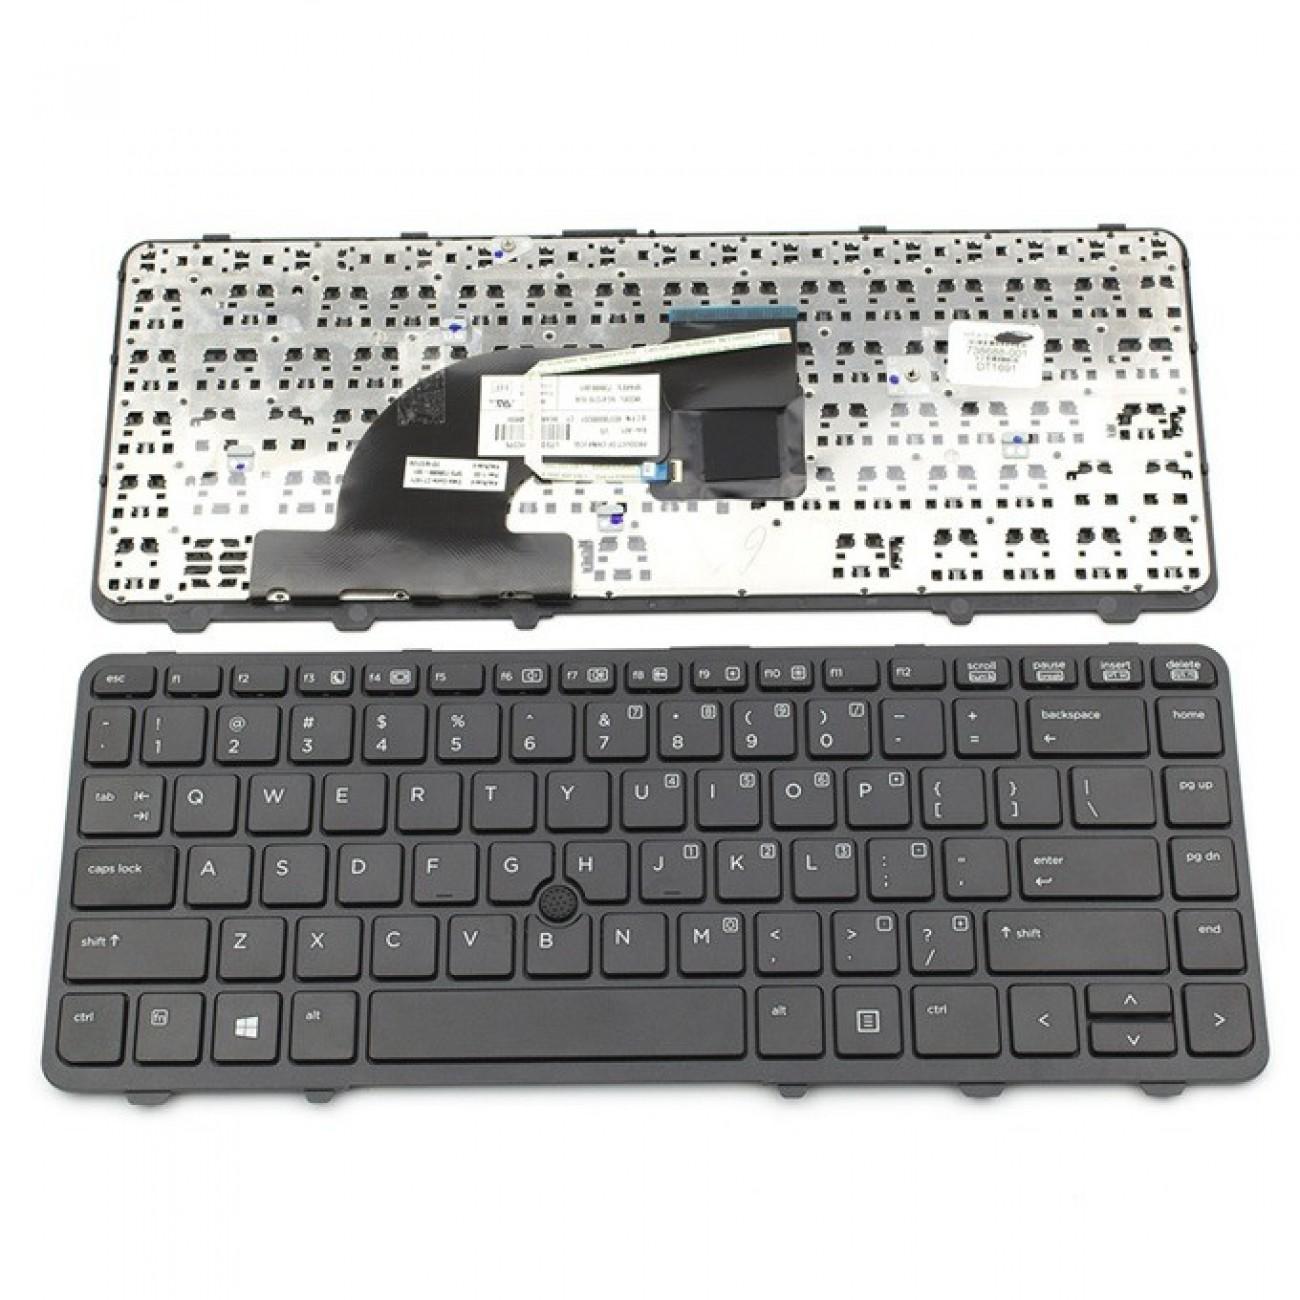 Клавиатура за HP ProBook 640 G1/645 G1, US, с рамка, черна в Резервни части -    Alleop